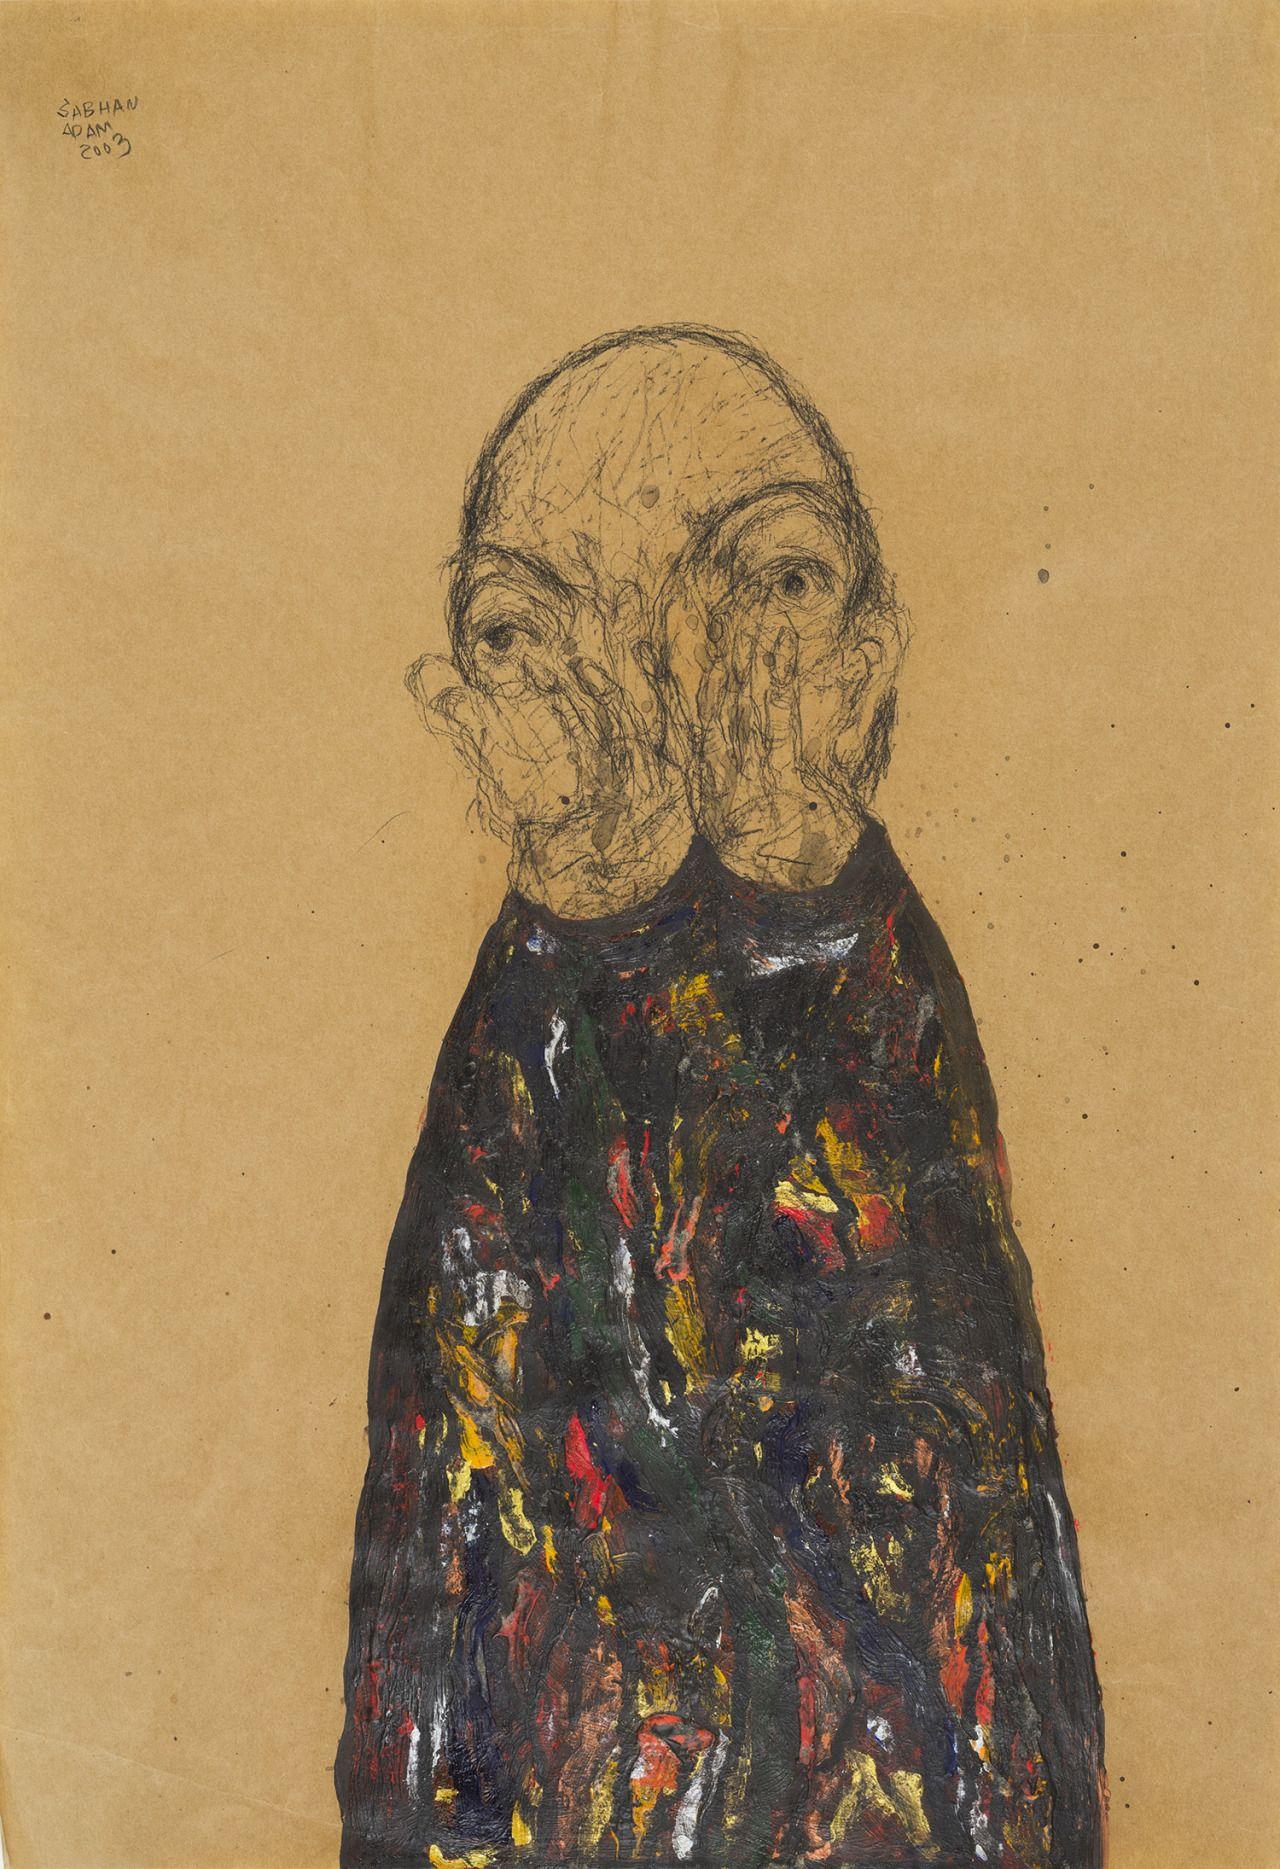 Sabhan Adam Untitled 2004 Outsider Art Art Art Inspiration